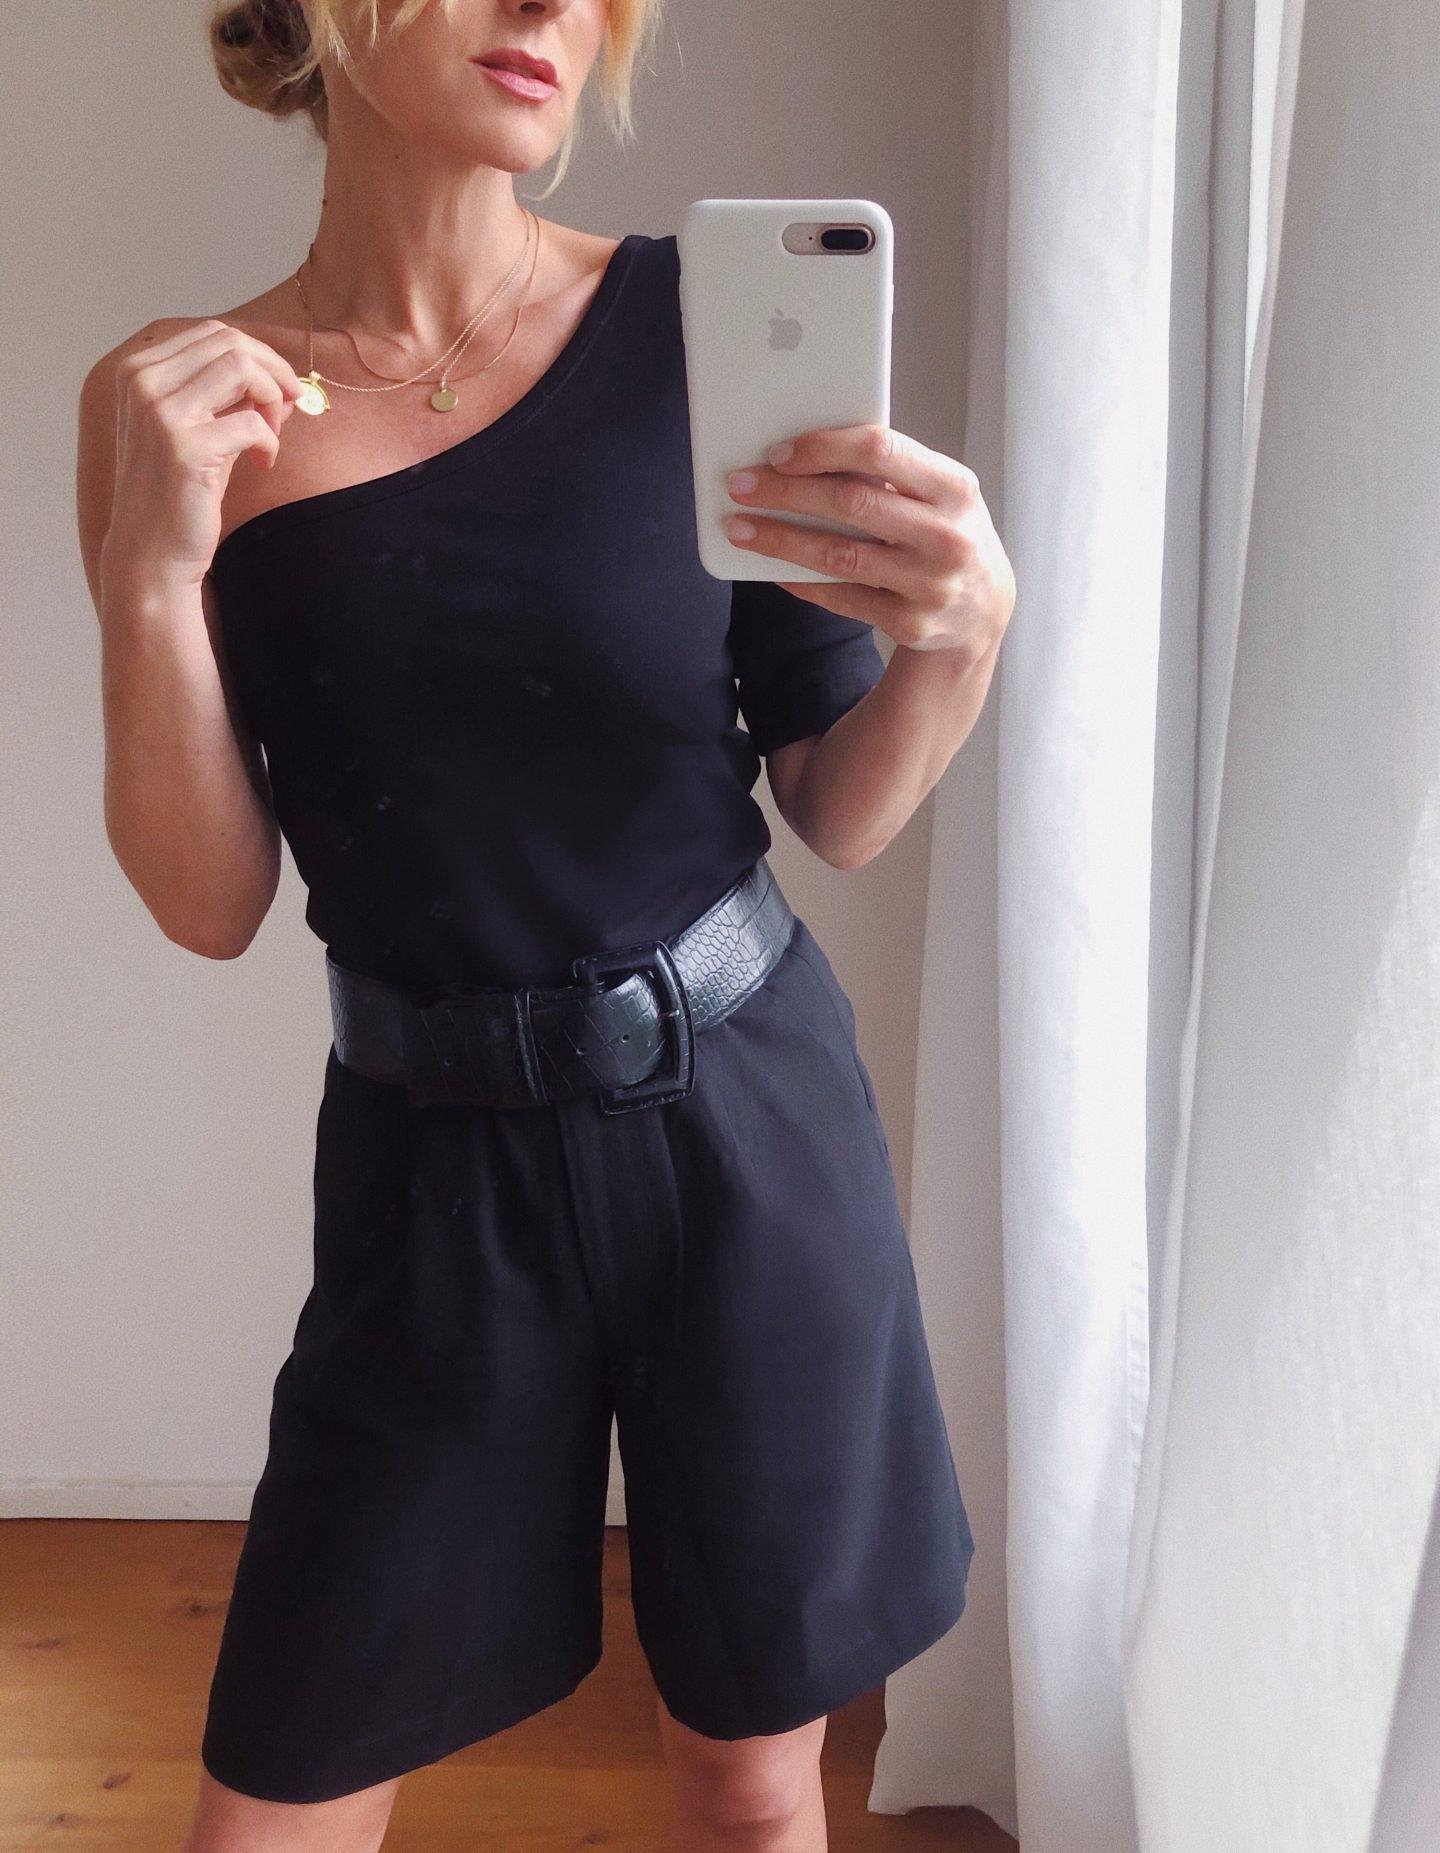 Kurze-schwarze-Hose-Outfit-Ideen-Dinner-Drinks-Nowshine-Blog-ü-40